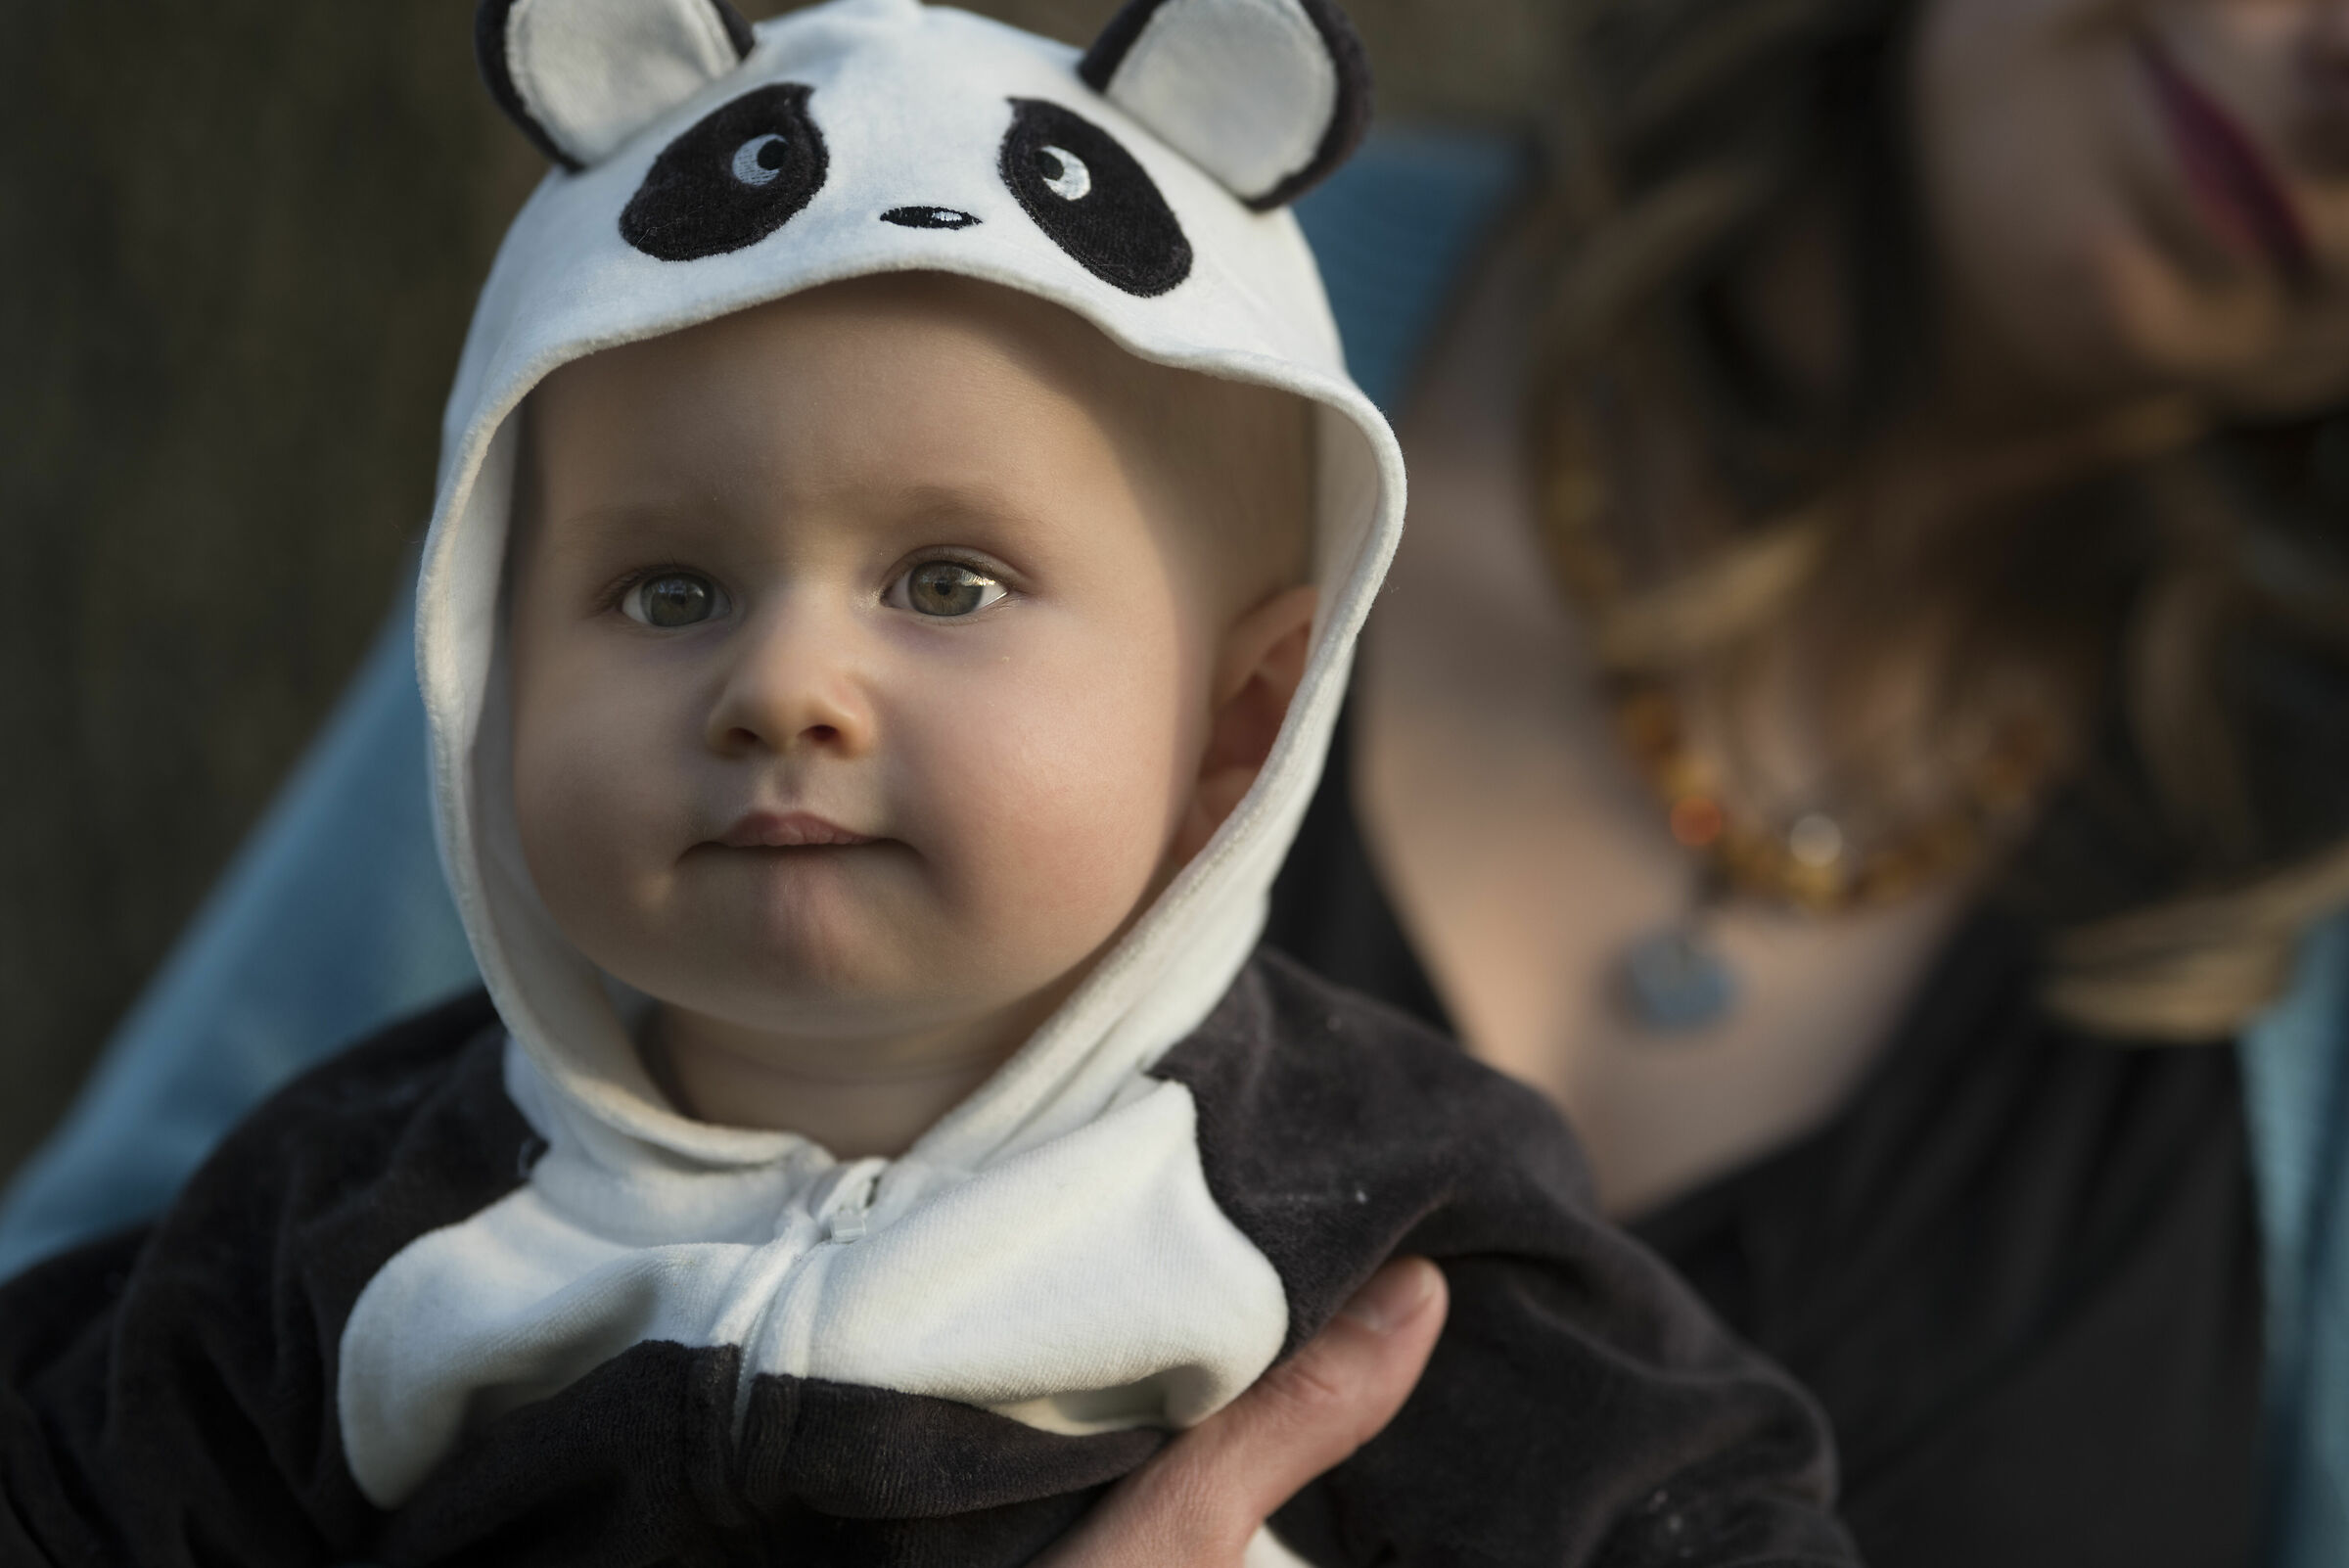 The panda...